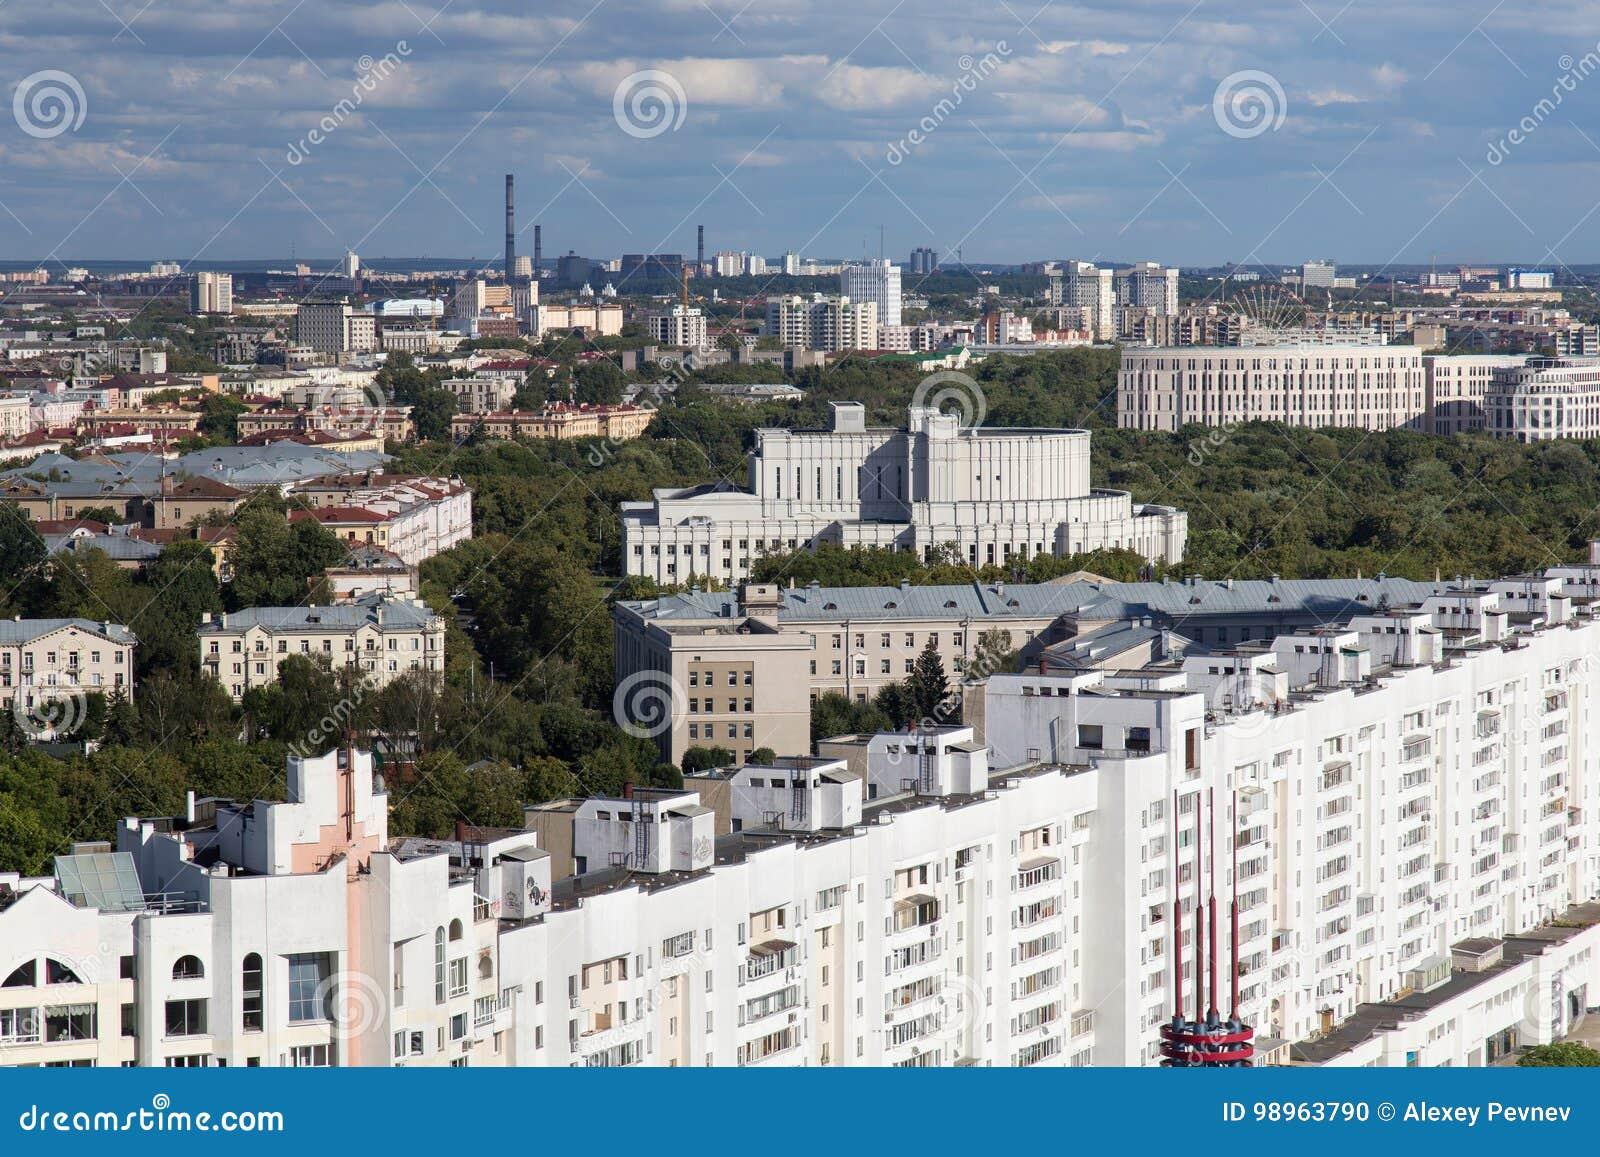 La vista aérea de la parte del sur del Minsk con el edificio de la ópera nacional de Bielorrusia fue construida en 1938 y otros e